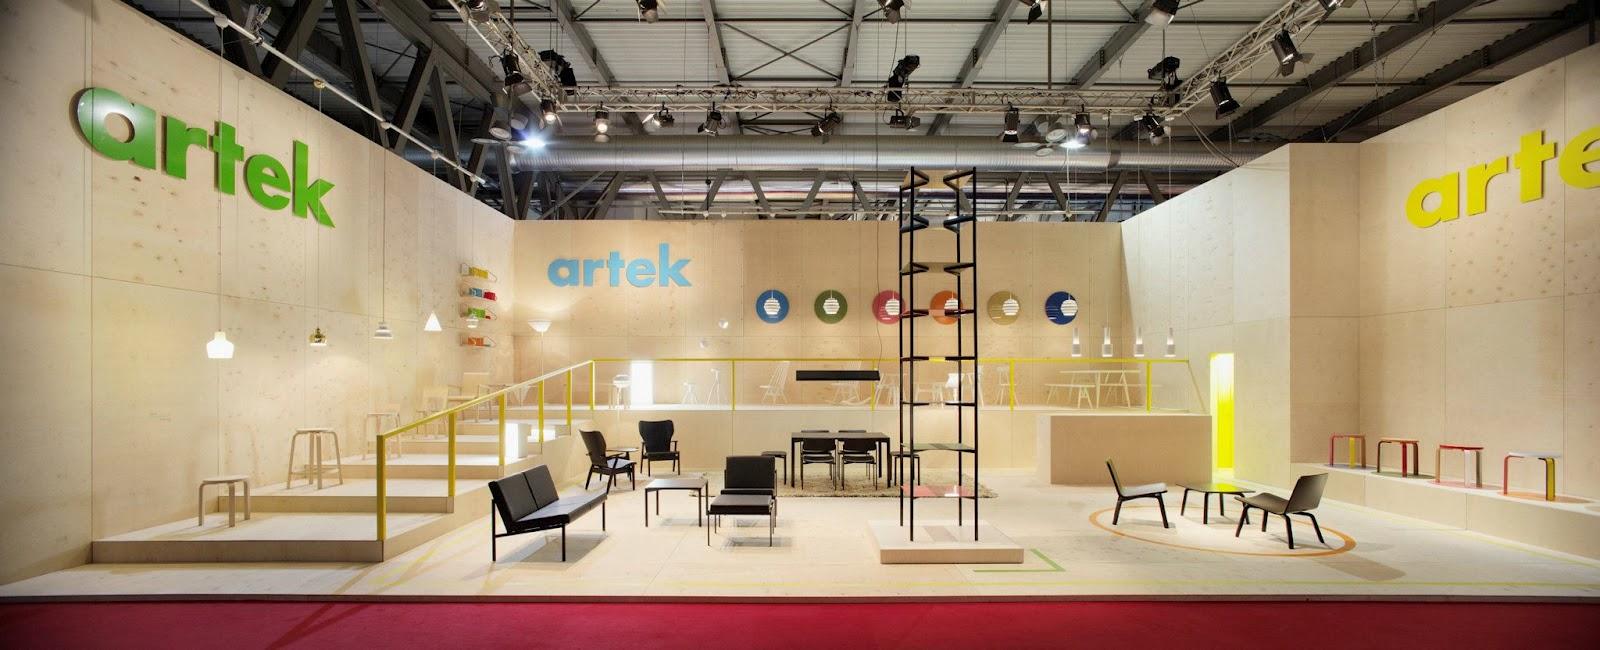 Best Stands Expo Milan : Brown memsahib artek at salone internazionale del mobile milan